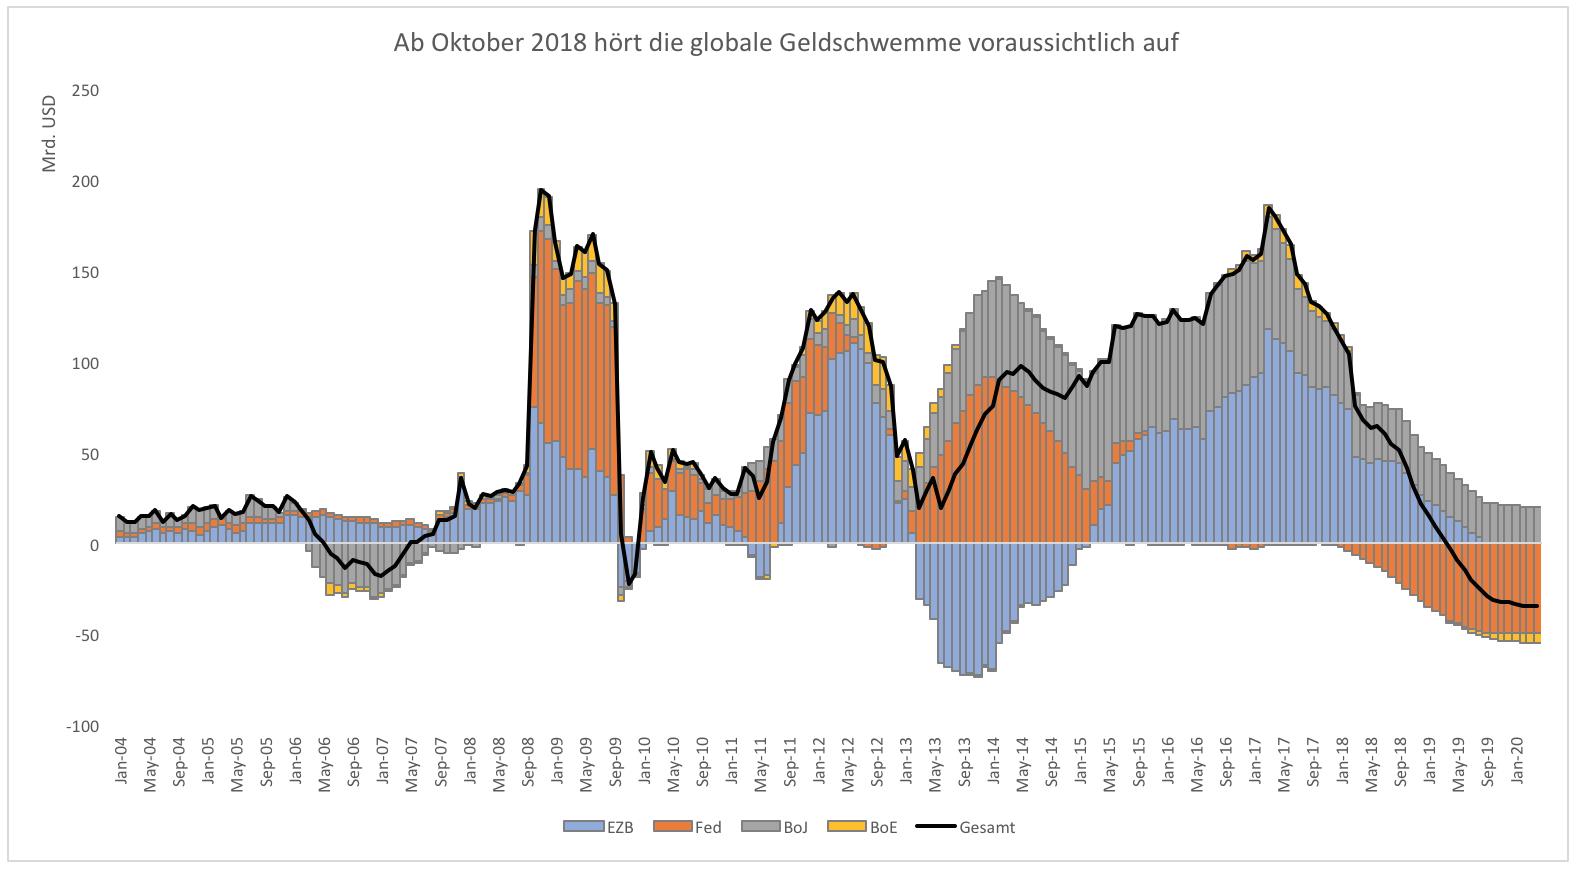 Kann-die-Welt-überhaupt-noch-ohne-QE-Kommentar-Clemens-Schmale-GodmodeTrader.de-2